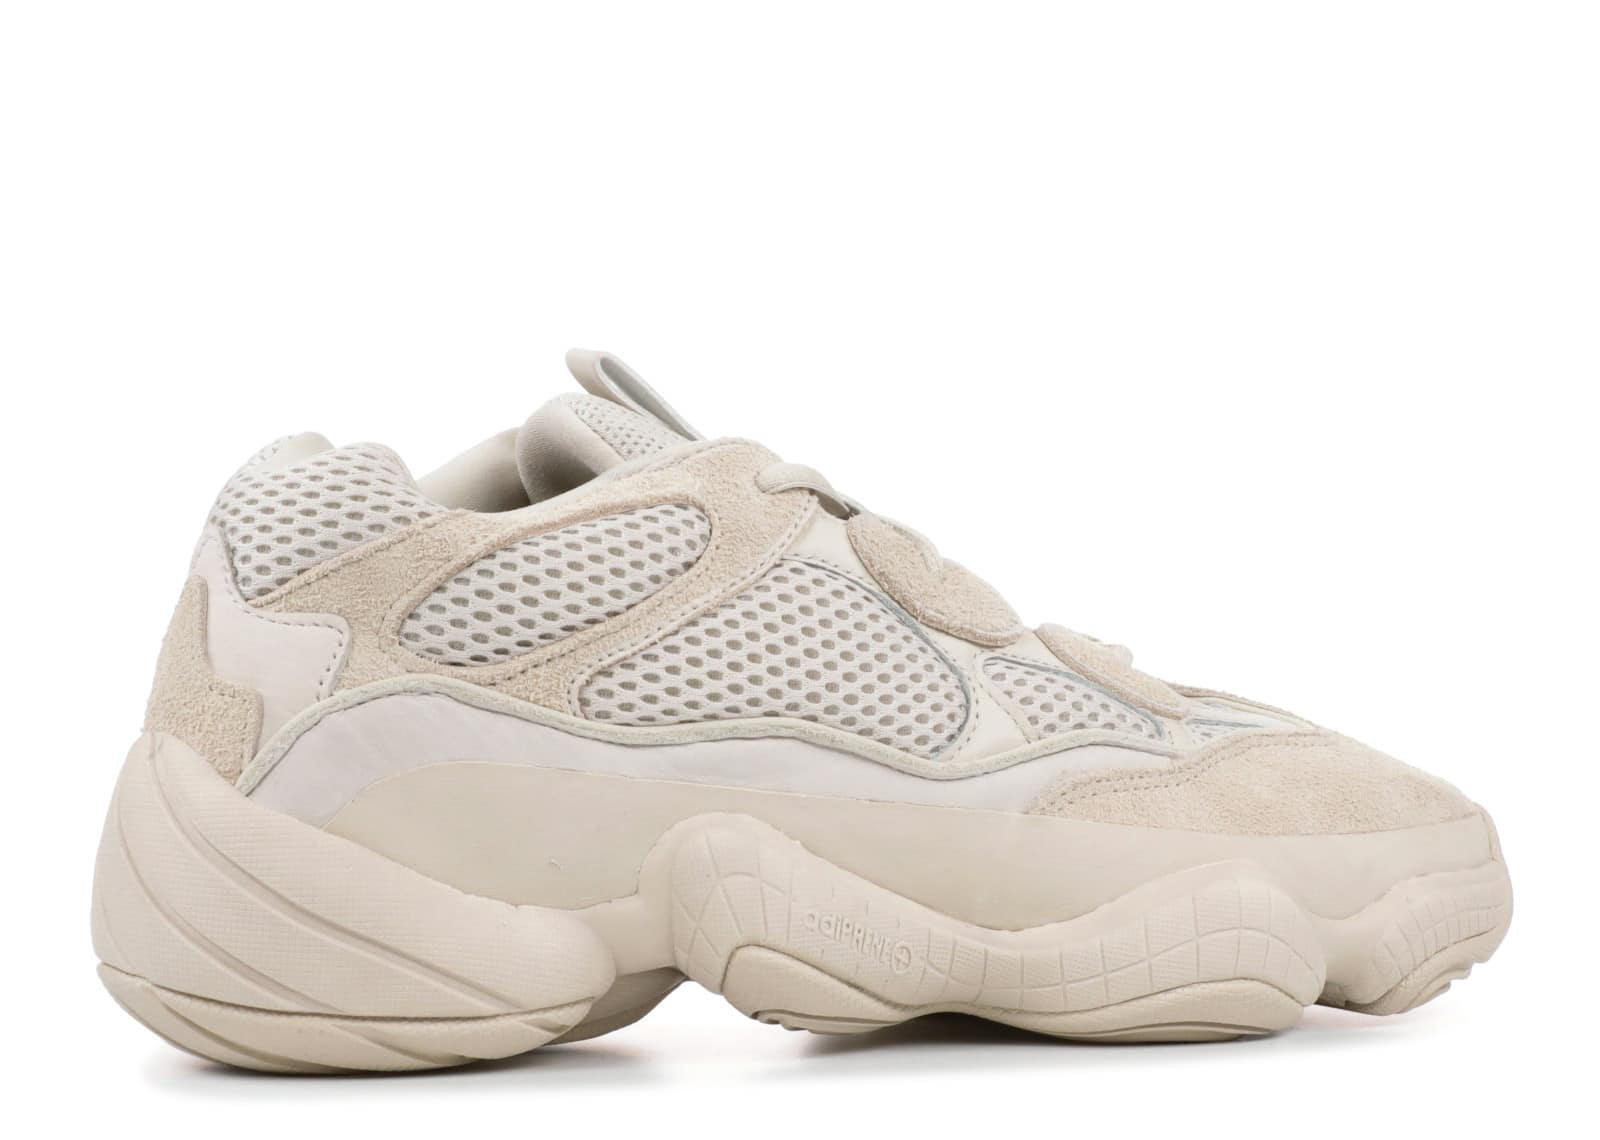 a legjobb hozzáállás kiadási dátum: divatos Adidas Yeezy 500 Blush - kickstw